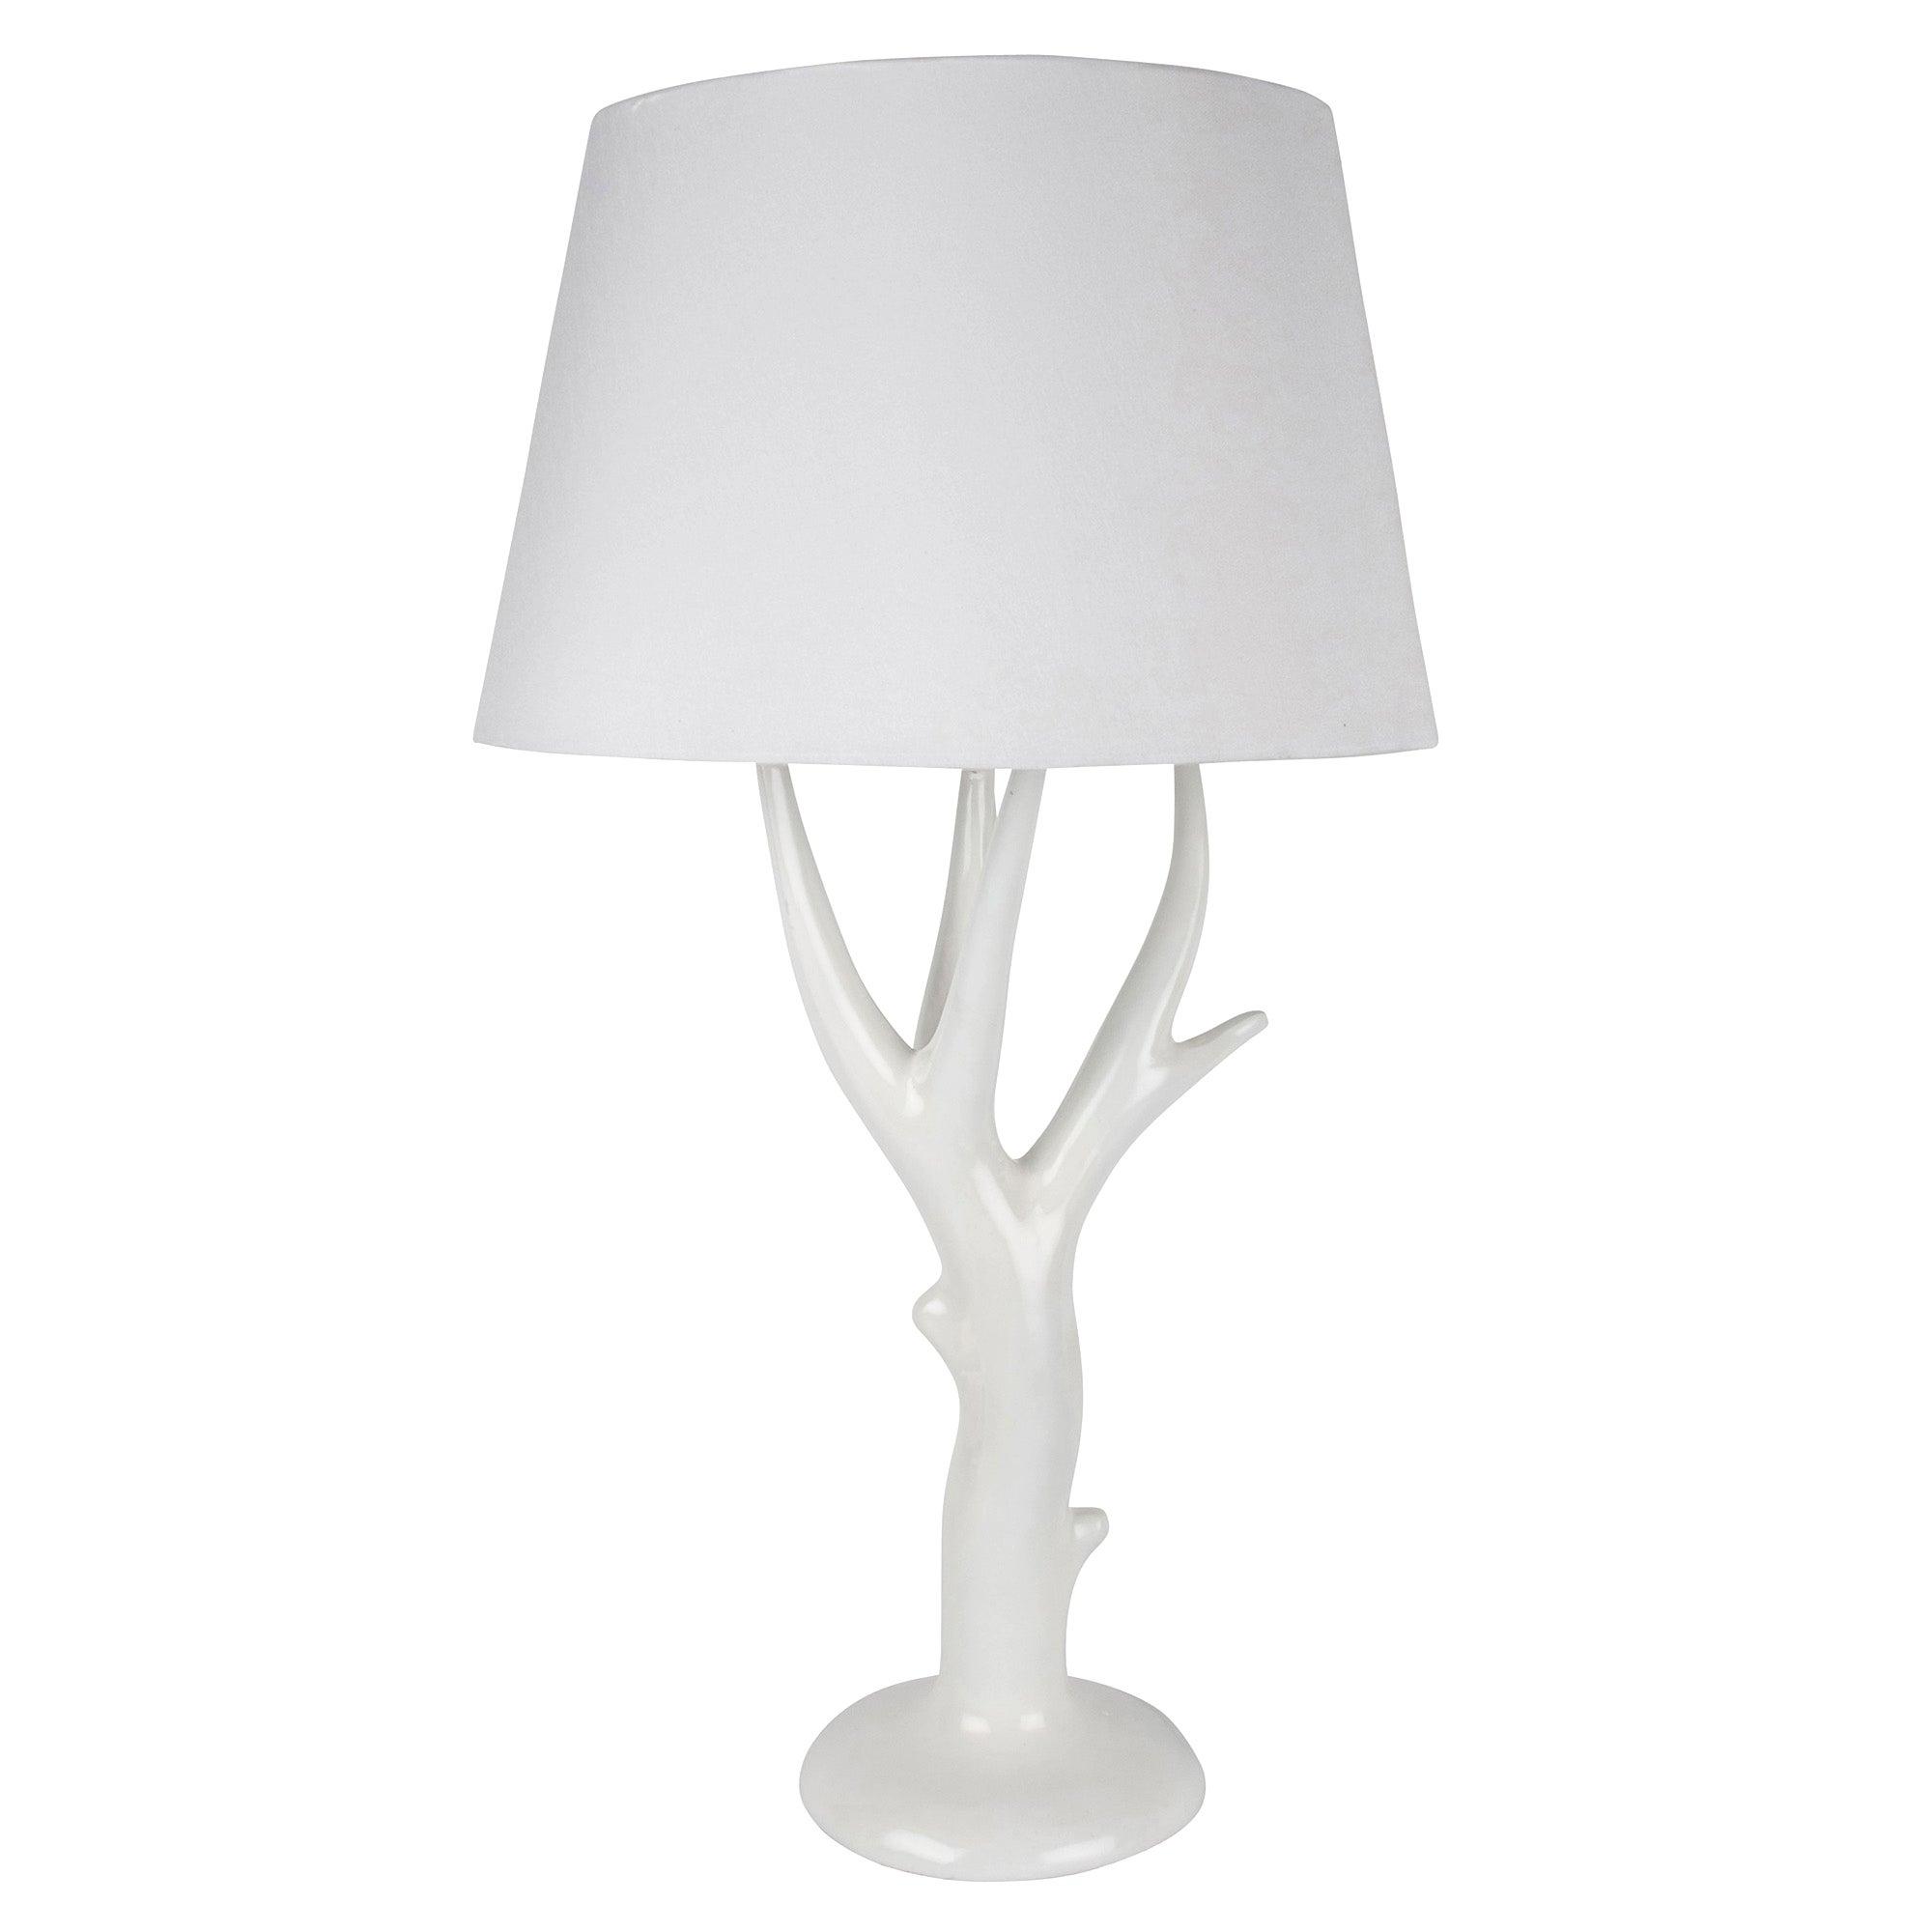 antler table lamp dunelm. Black Bedroom Furniture Sets. Home Design Ideas